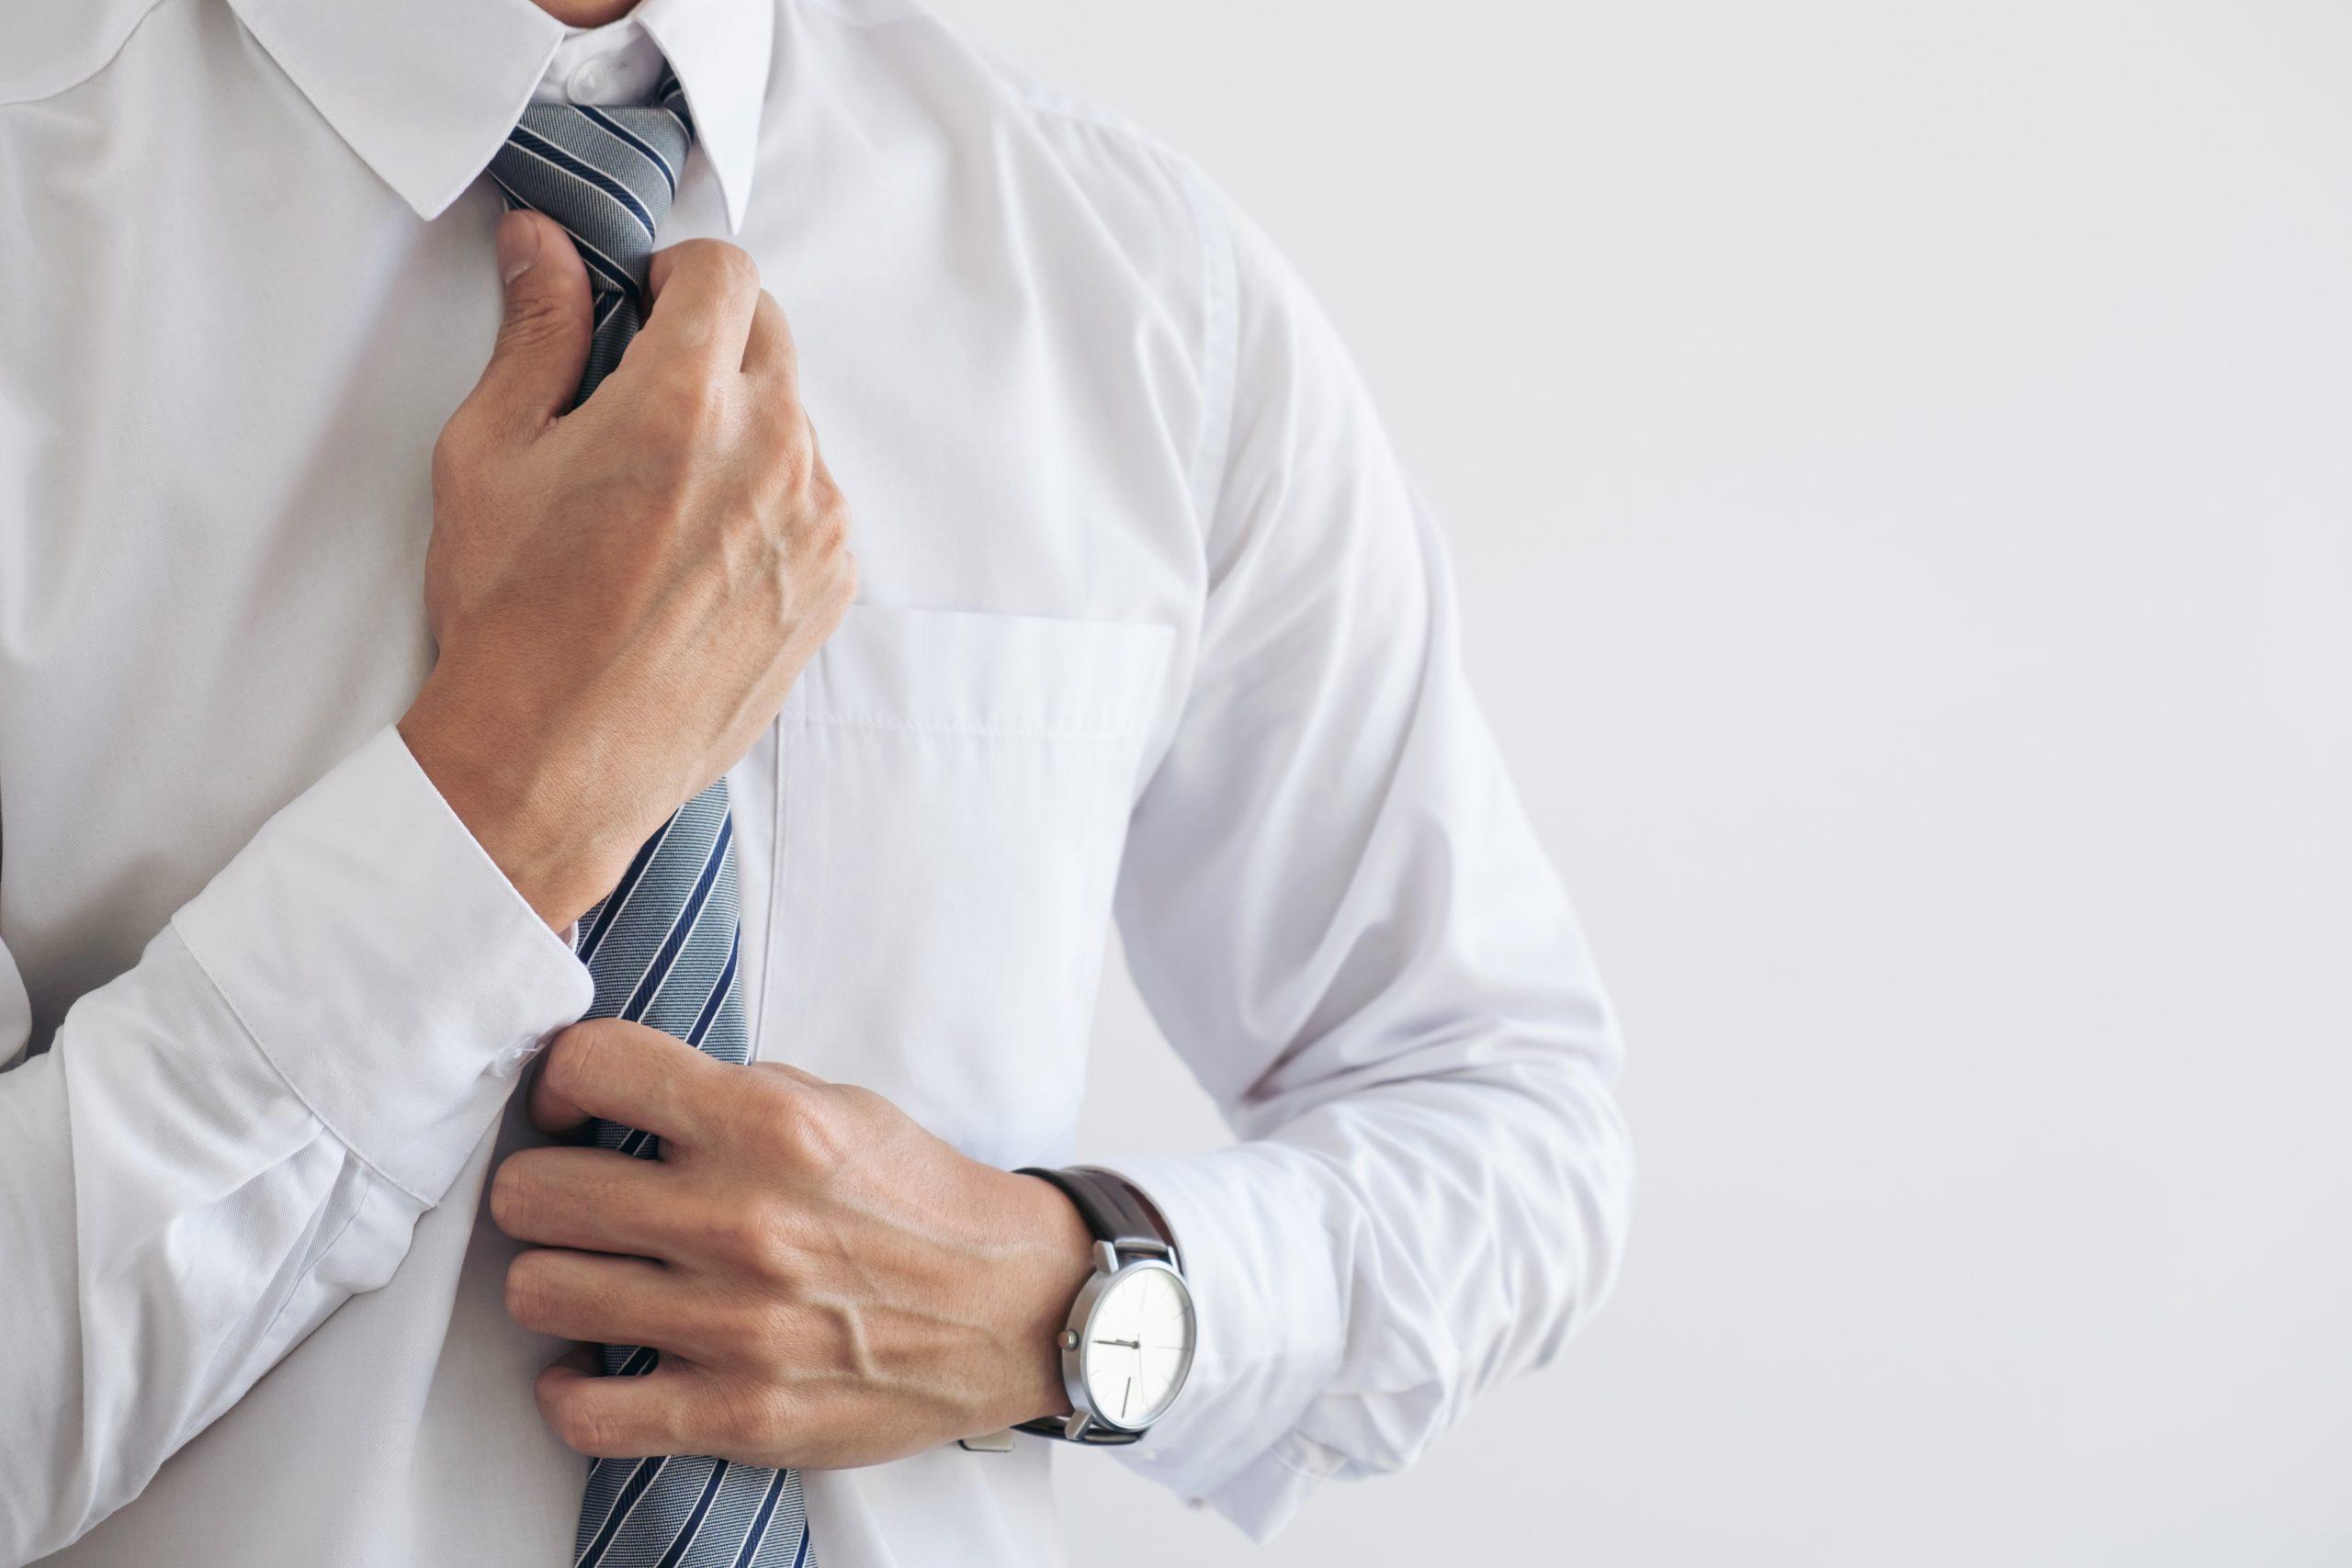 Es un producto que dota de elegancia, seguridad y estilo a la mayoría de los hombres.